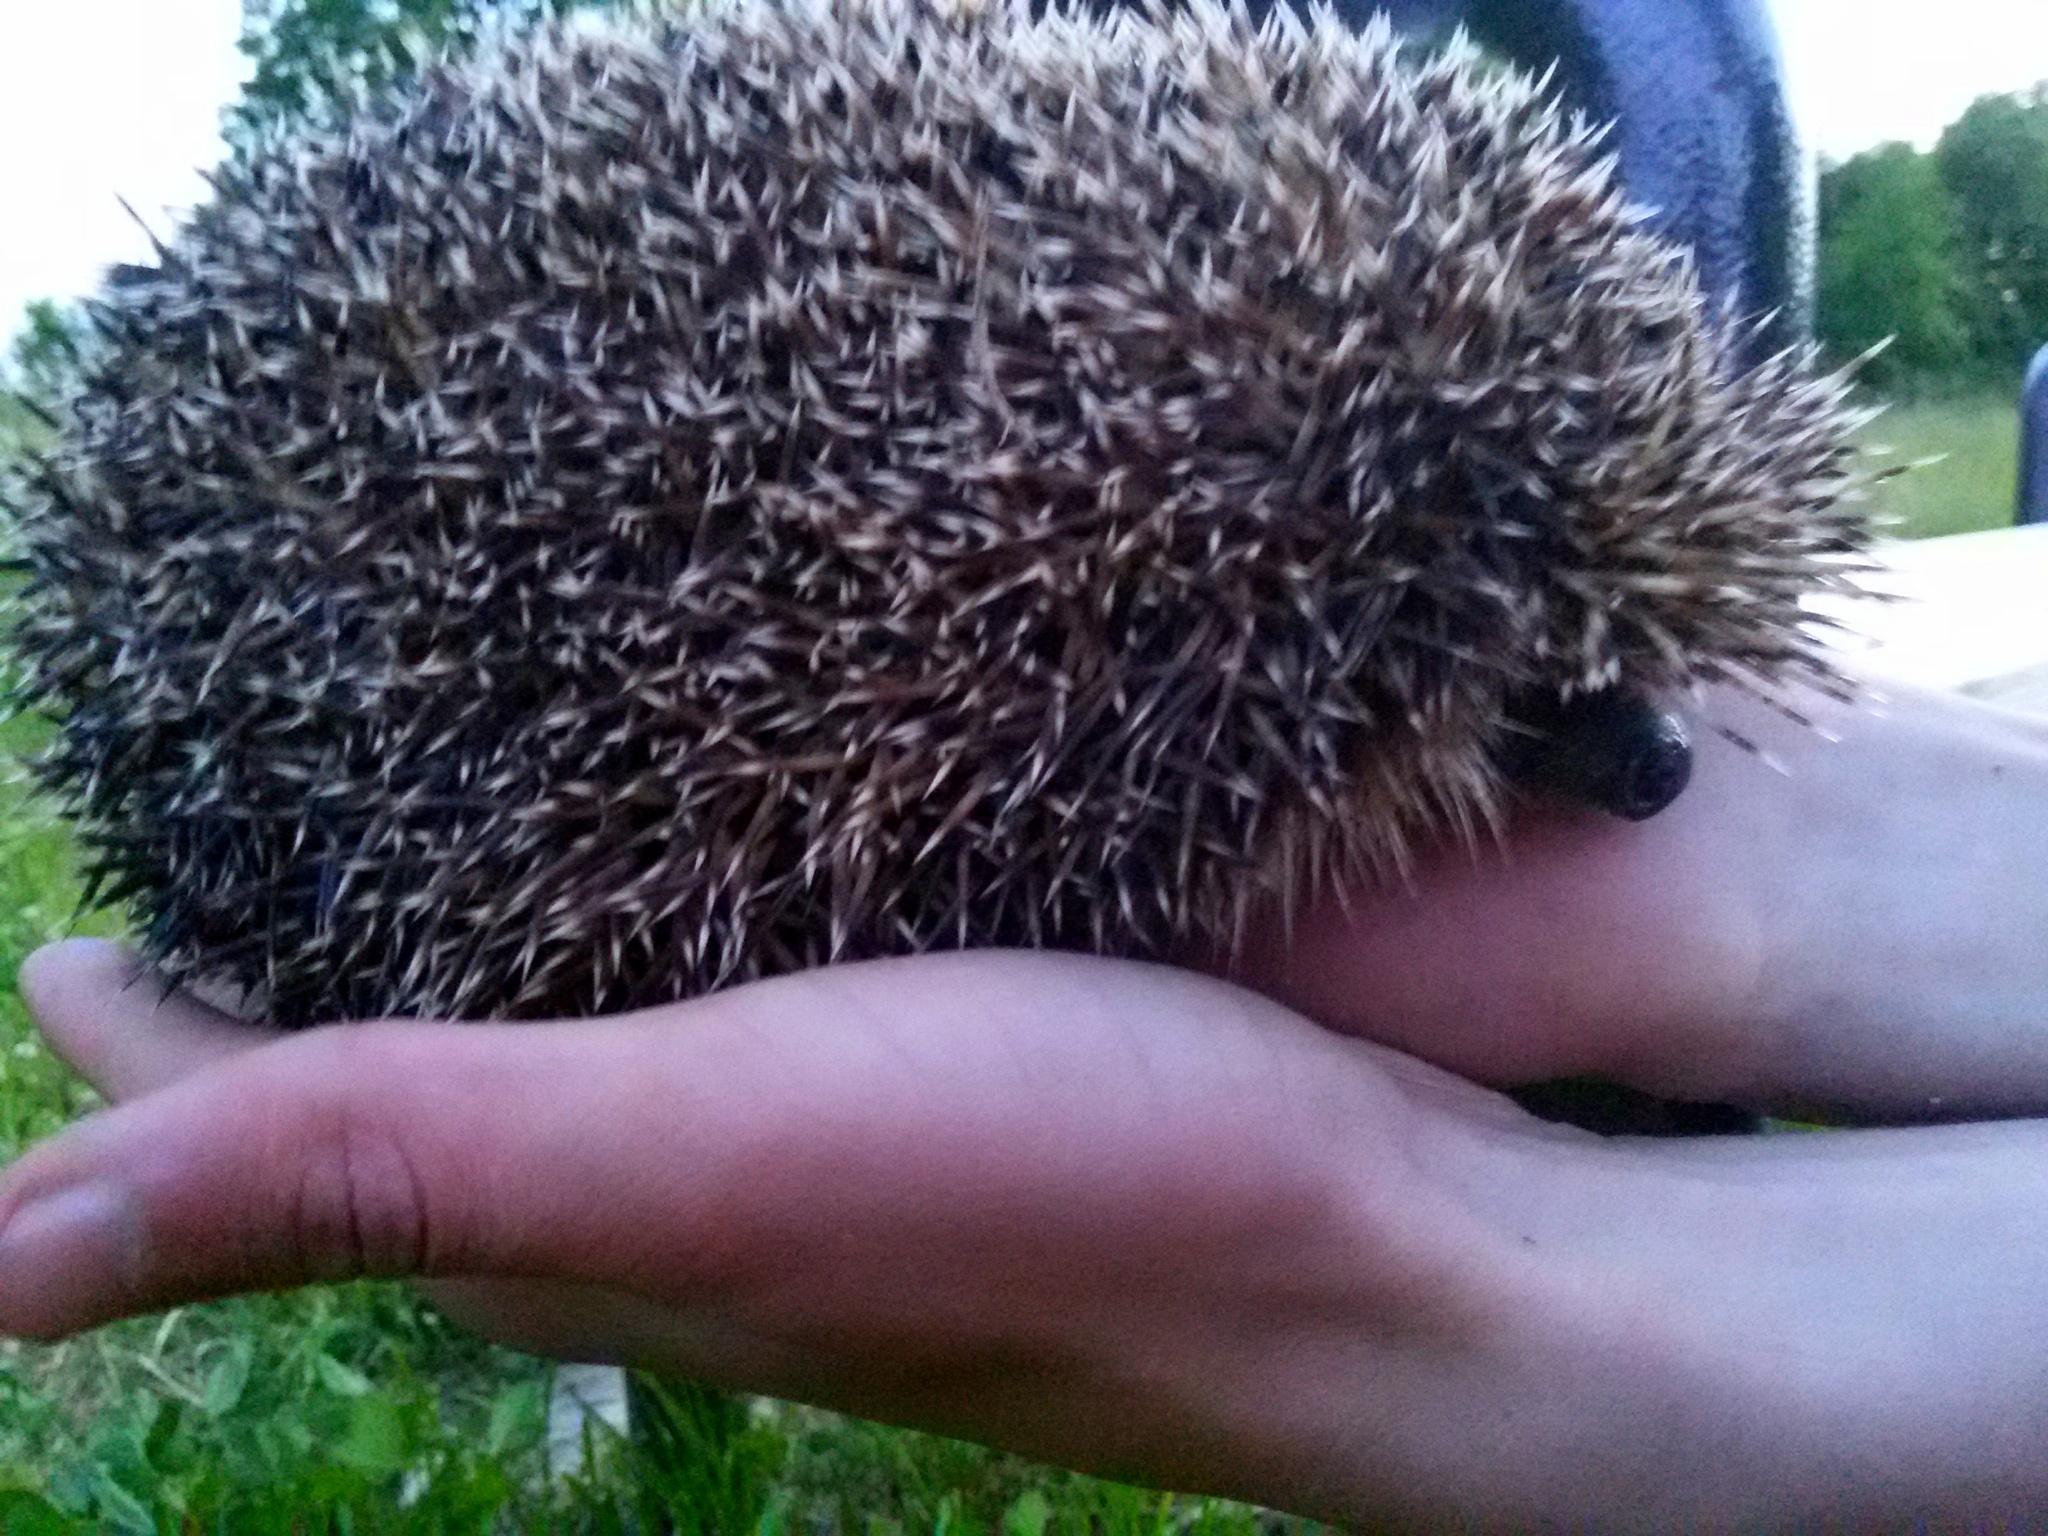 Hedgehog by uzkuraitiene62